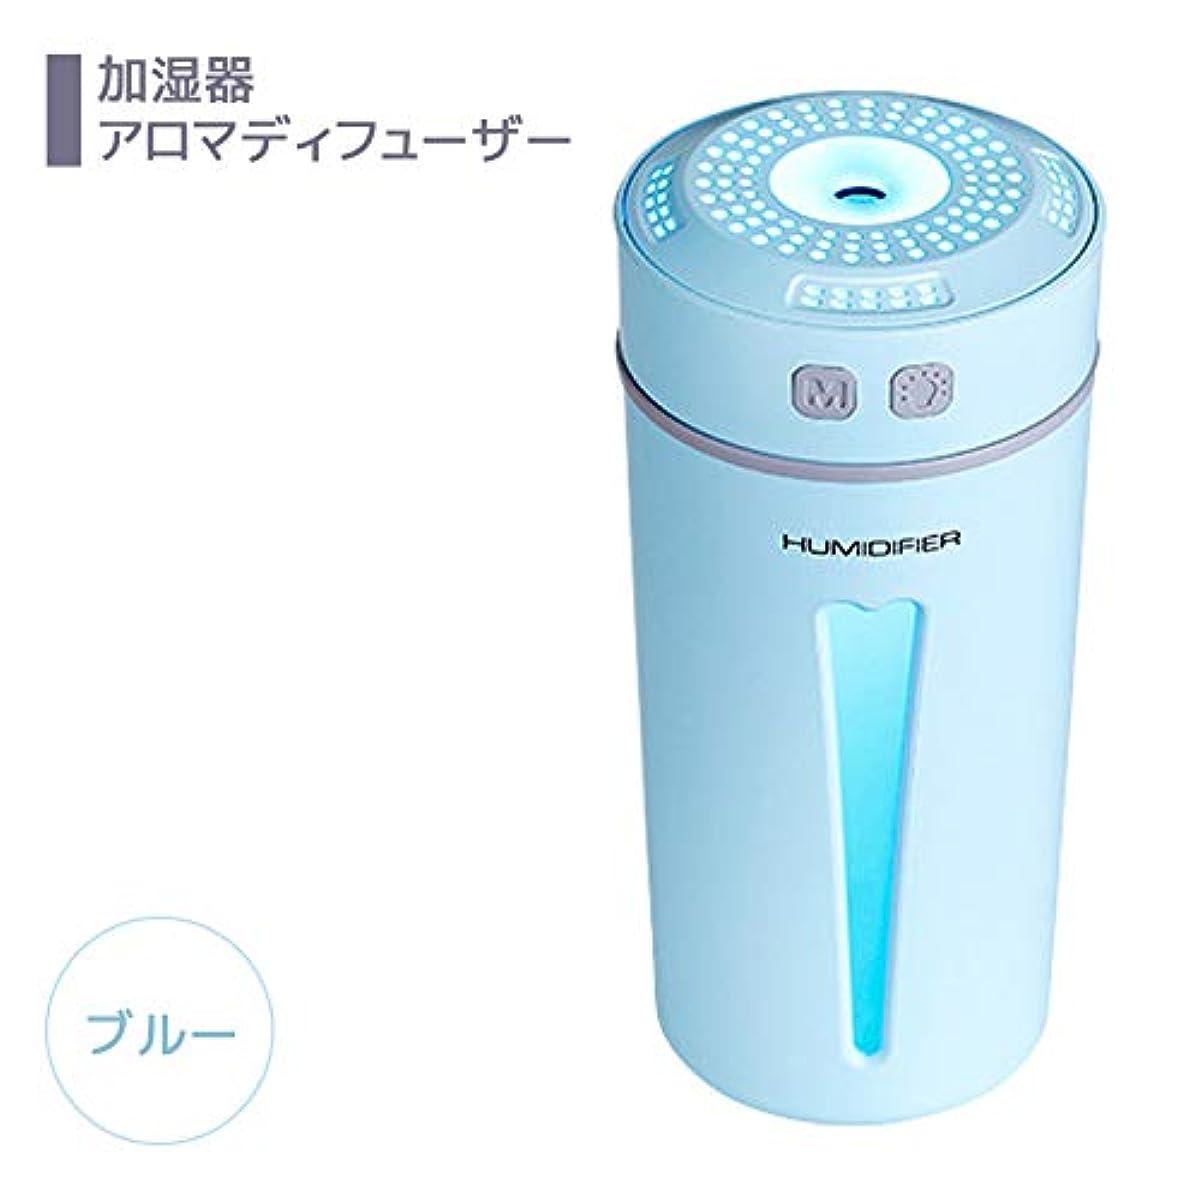 ライオン必要構成NiceMay 加湿器 卓上 アロマディフューザー 超音波 ナノミスト 超静音 モード切替 LED 車載 コンパクト USB 除菌 乾燥防止 部屋 ブルー